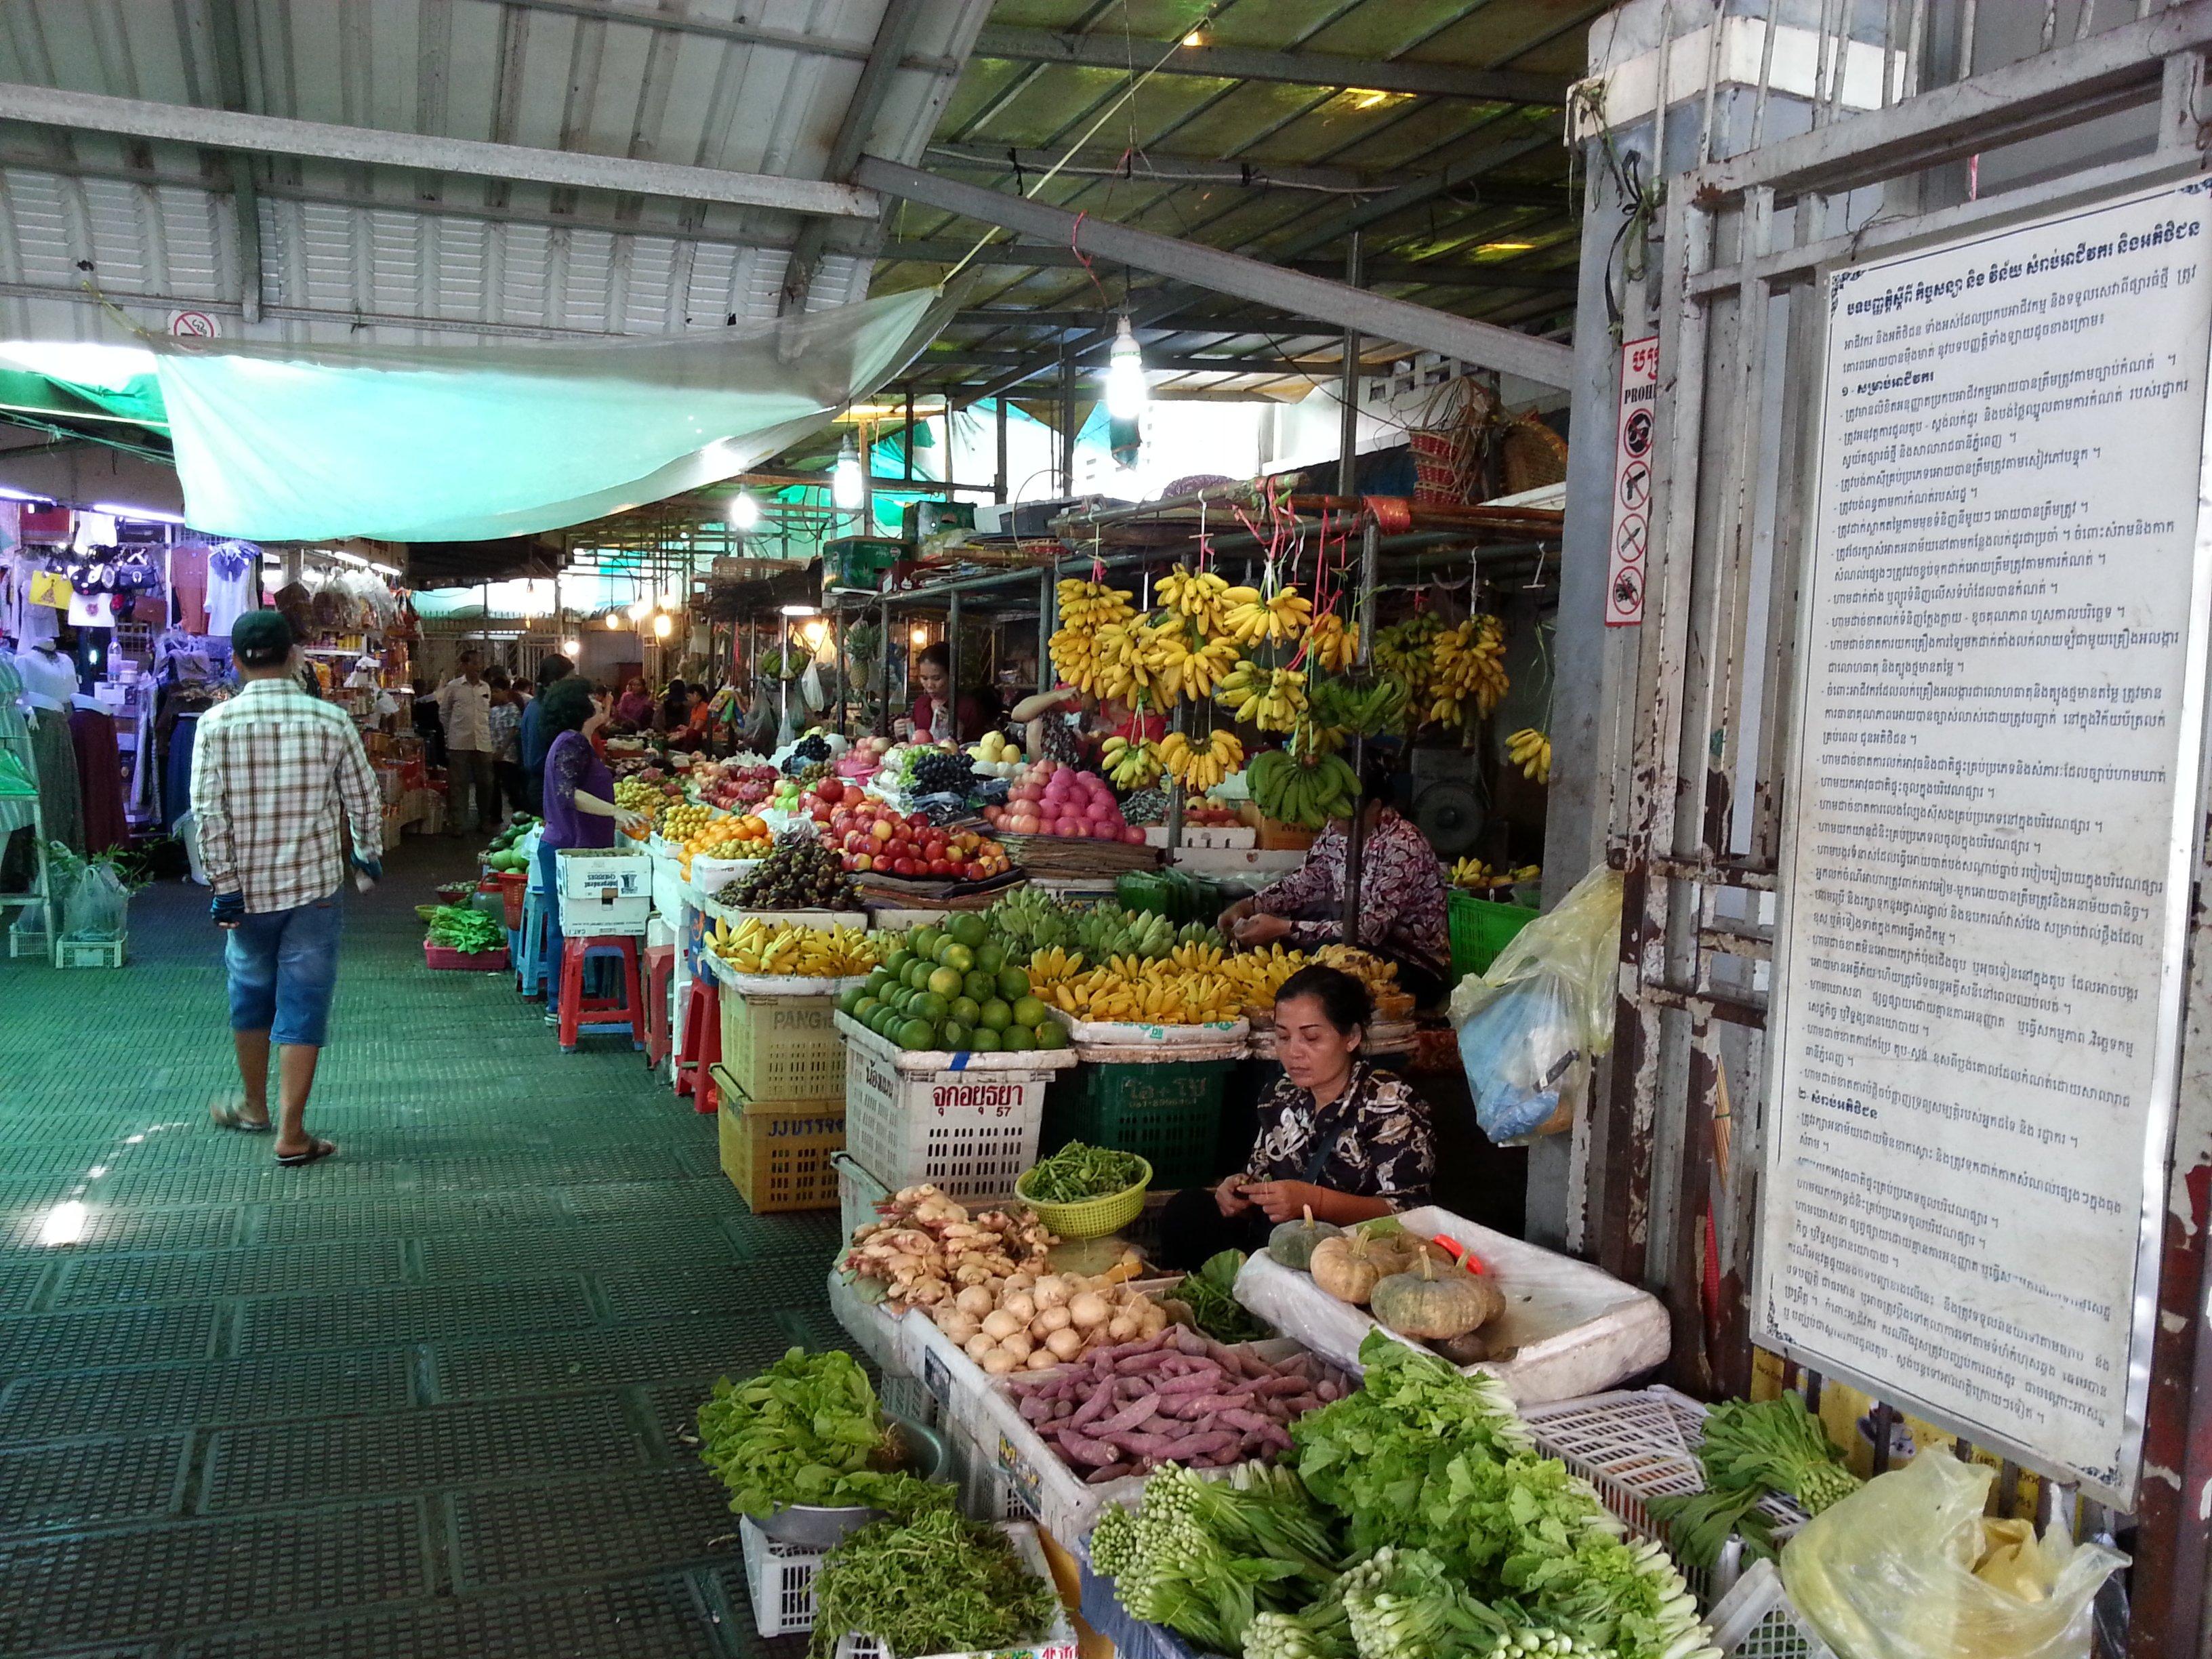 Vegetable seller in Central Market